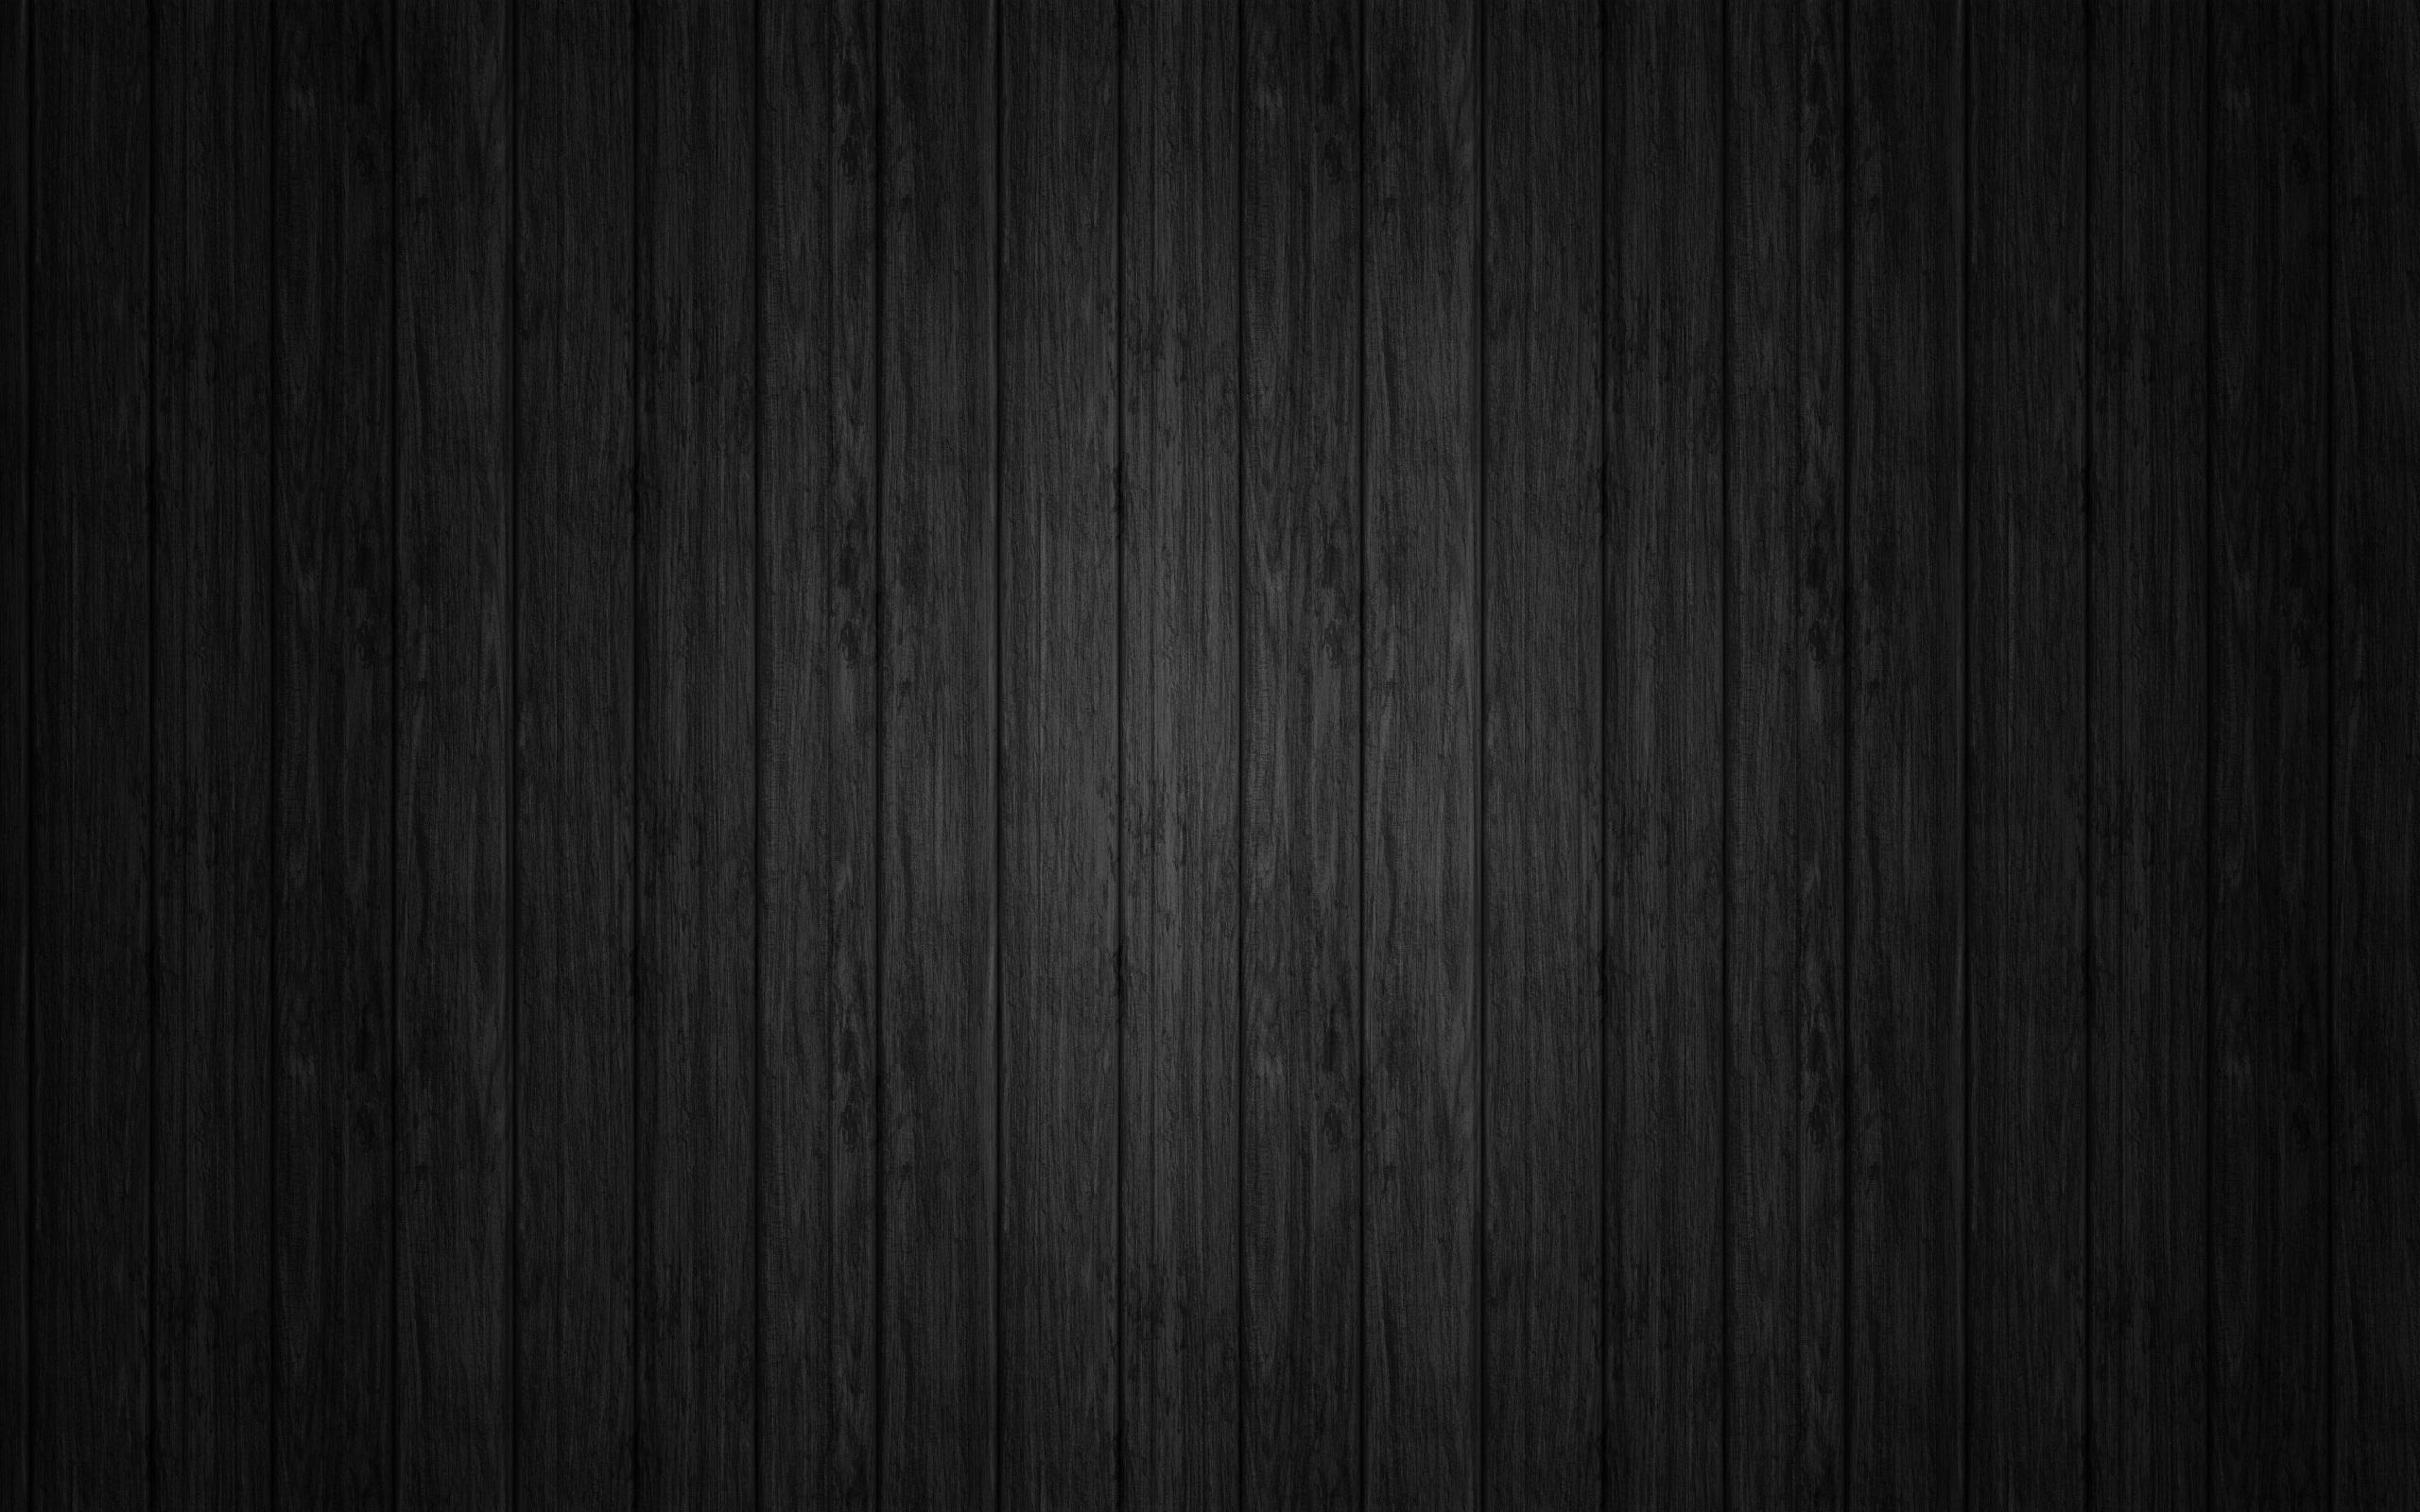 Dark wooden boards photo